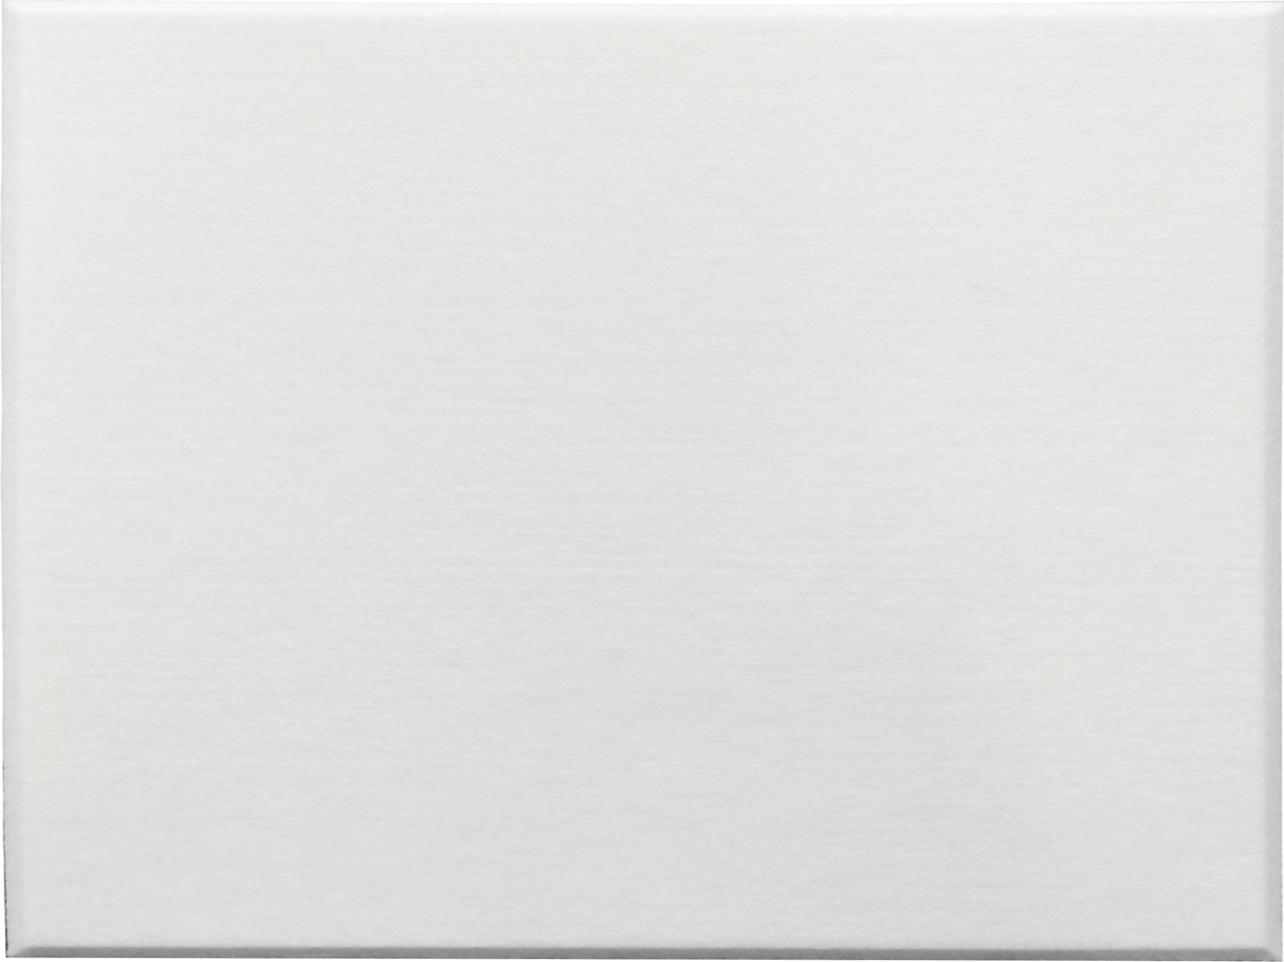 井上金庫 【FB-8060C-WH(ホワイト) 12枚入/ケース】 フェルメノン 吸音パネル45C マグネットなし 800×600mm 厚9mm [♪▲]